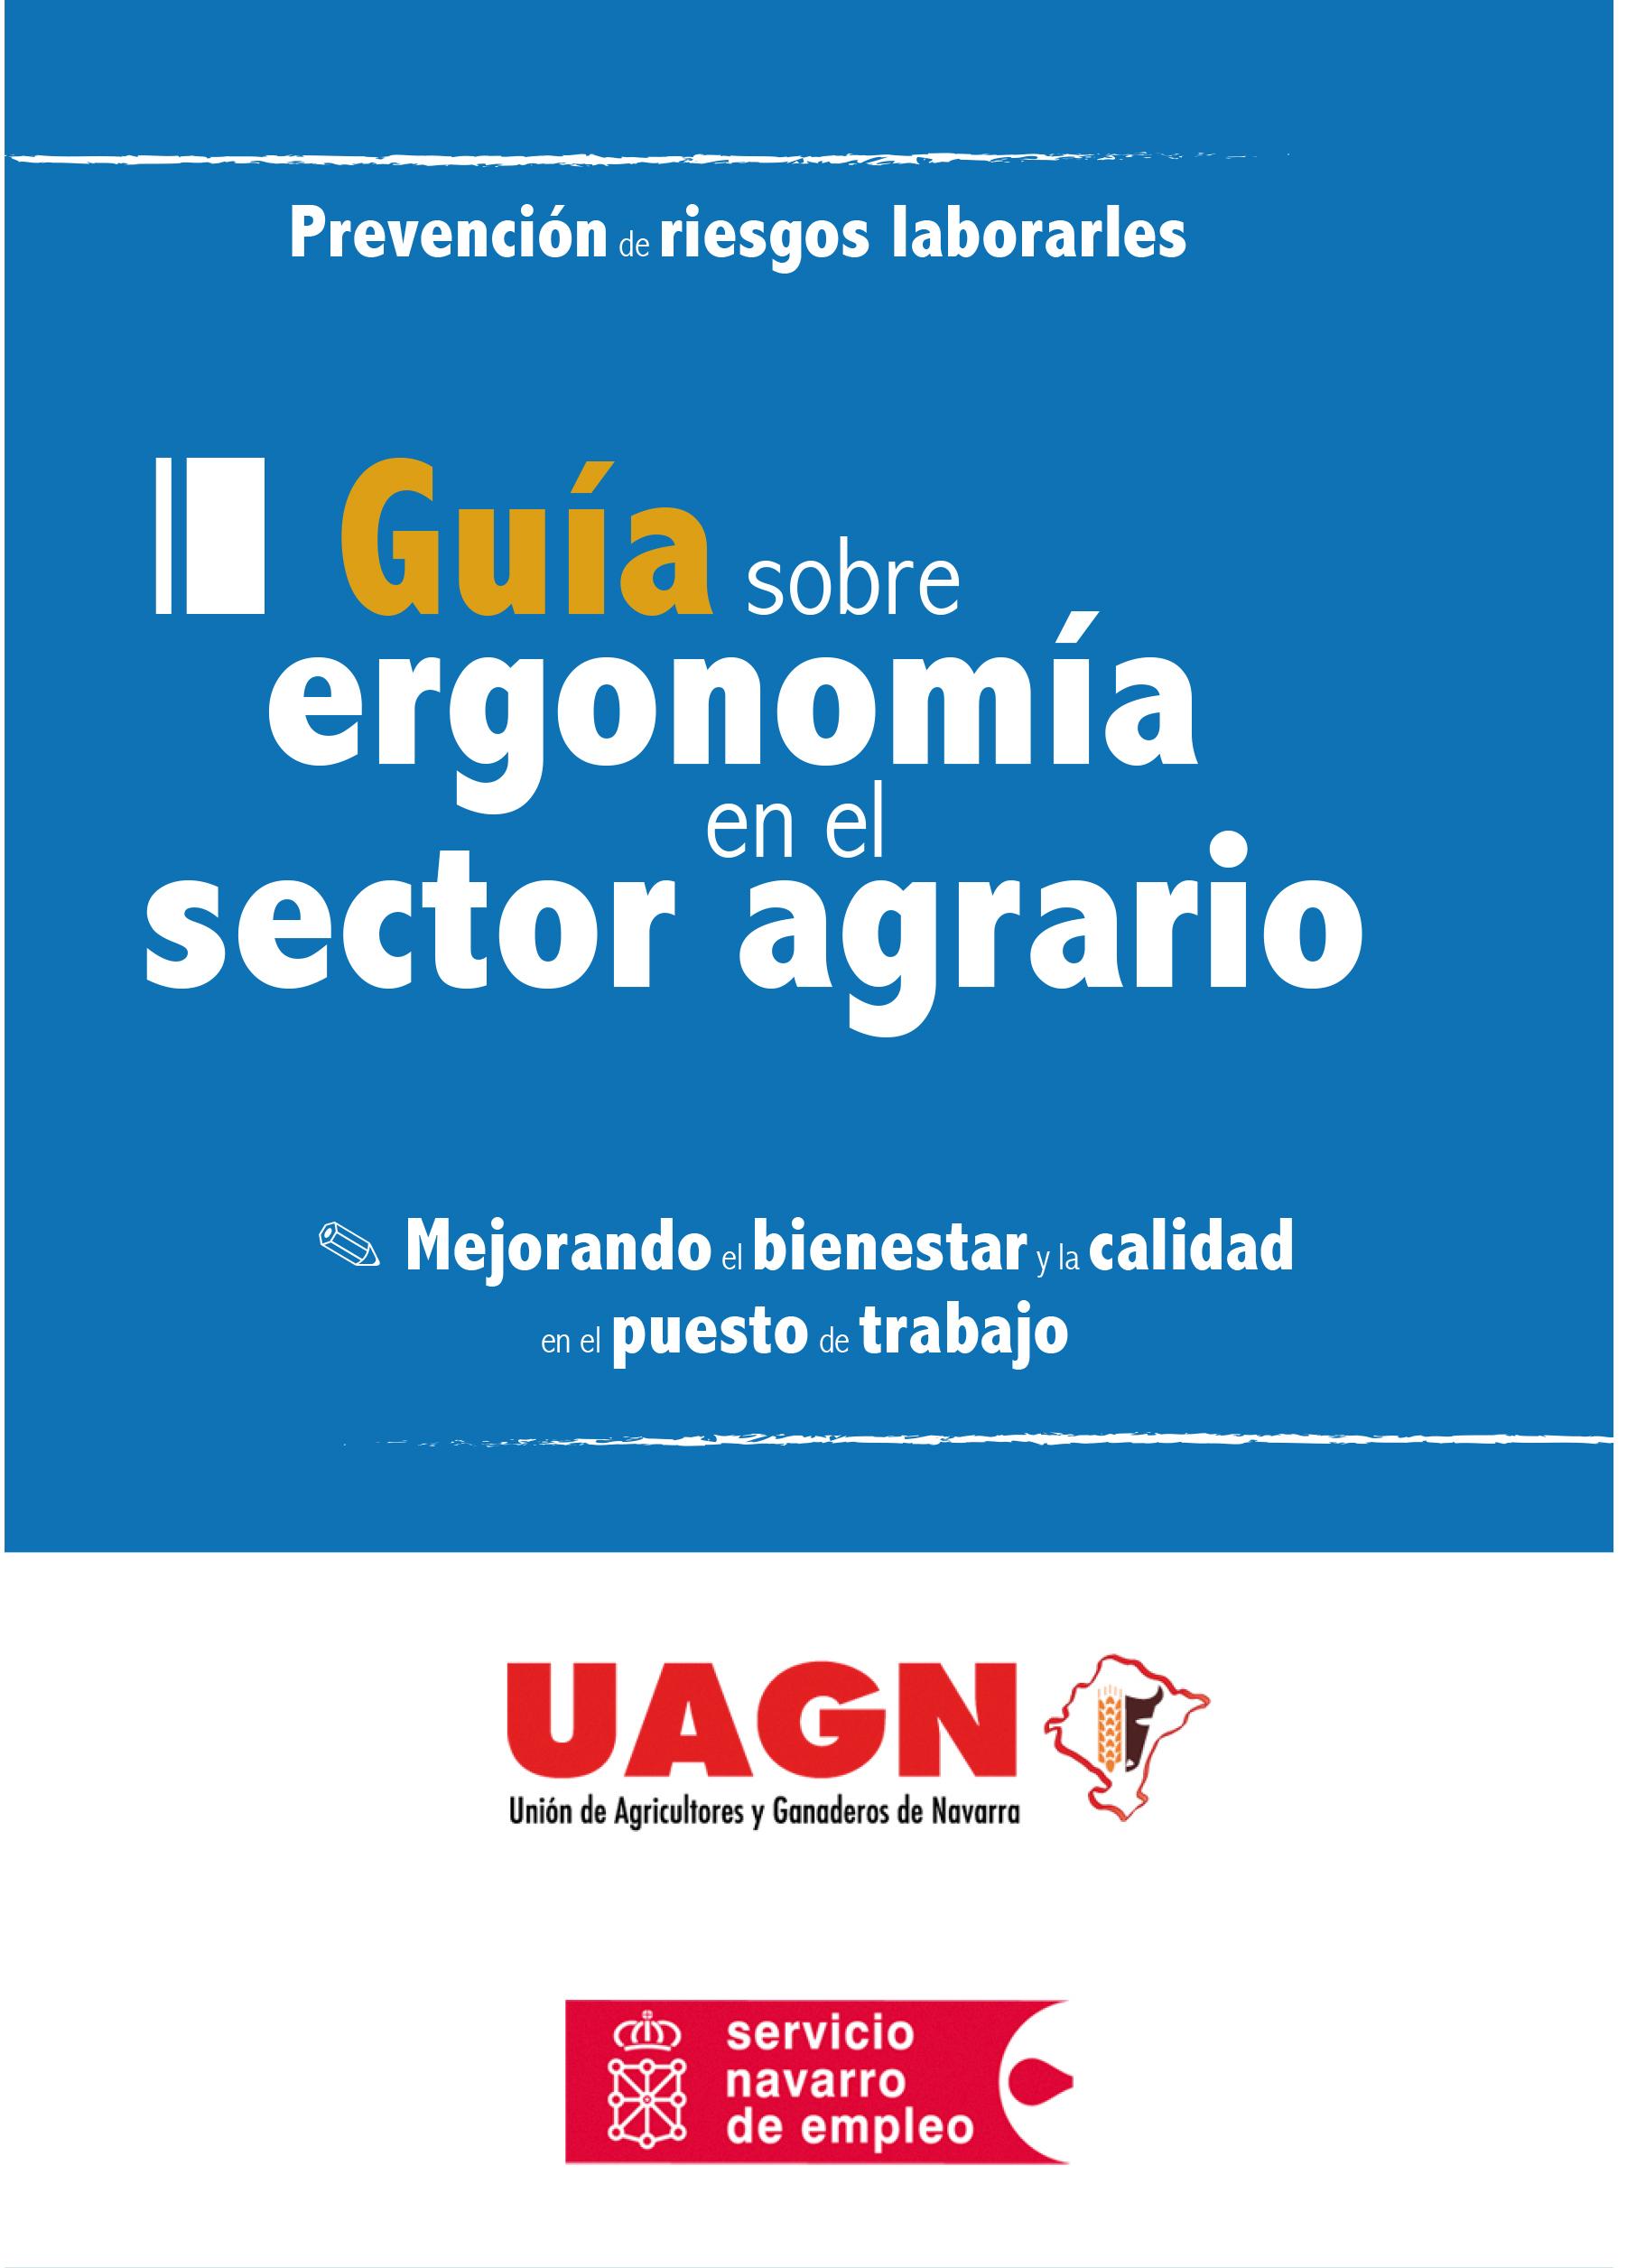 Guía sobre ergonomía en el sector agrario